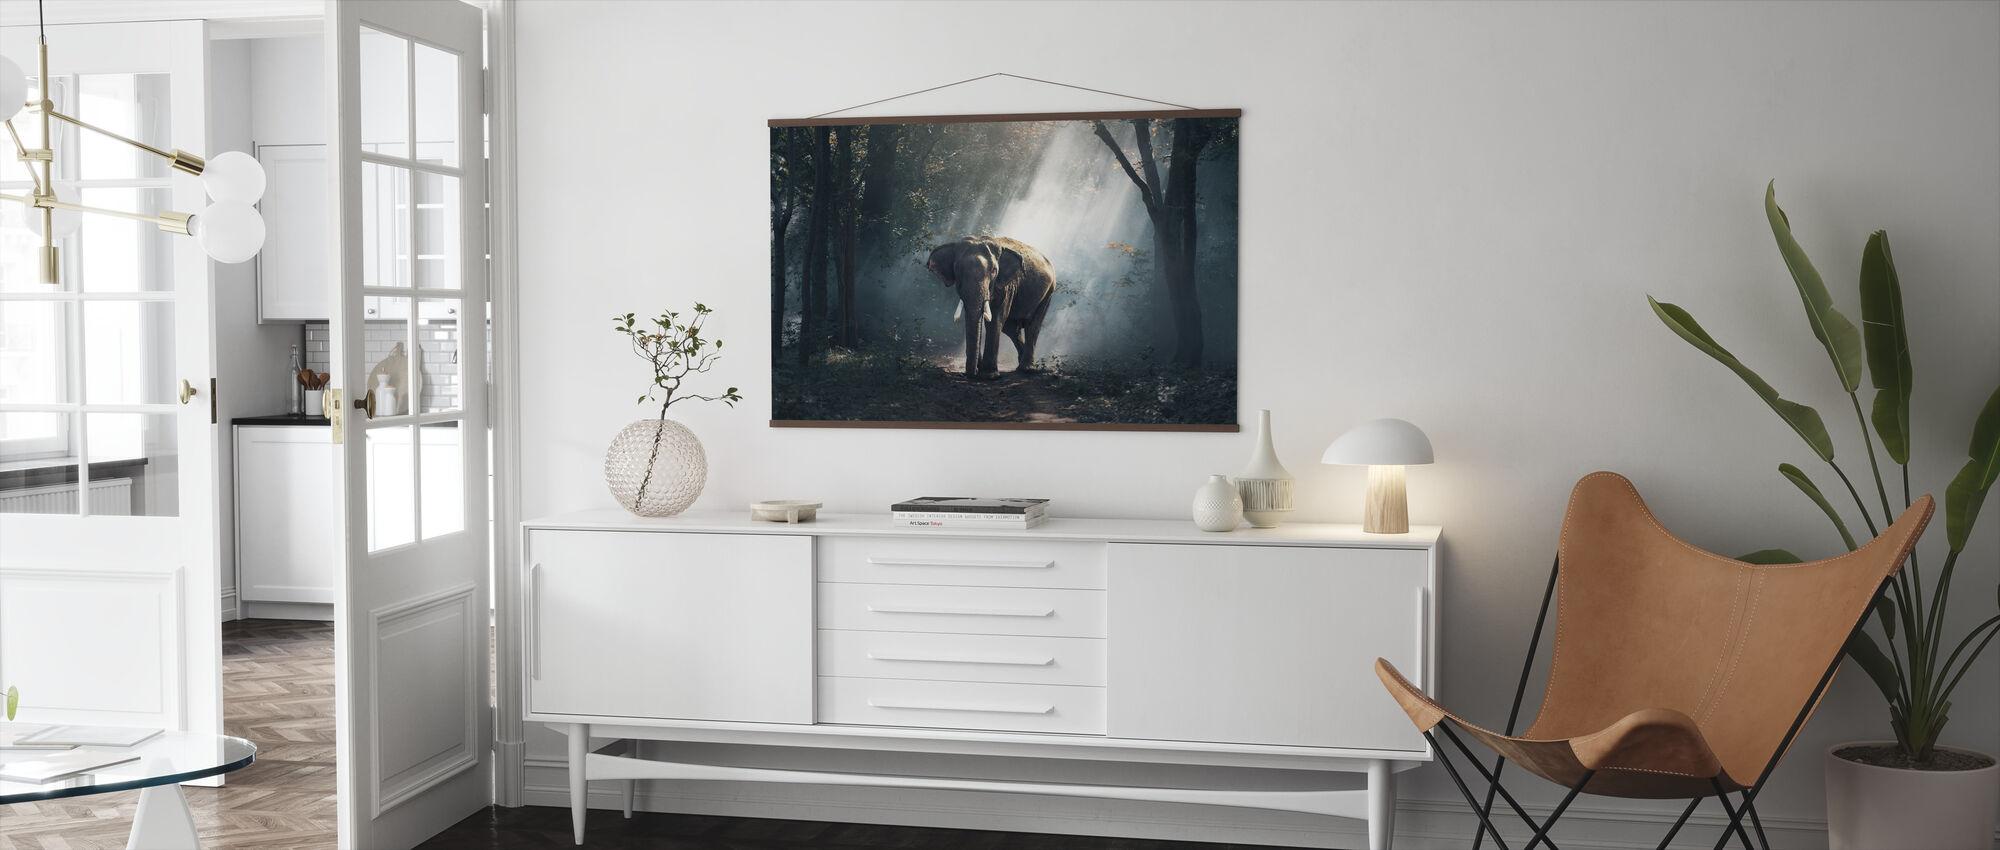 Olifant in het bos - Poster - Woonkamer